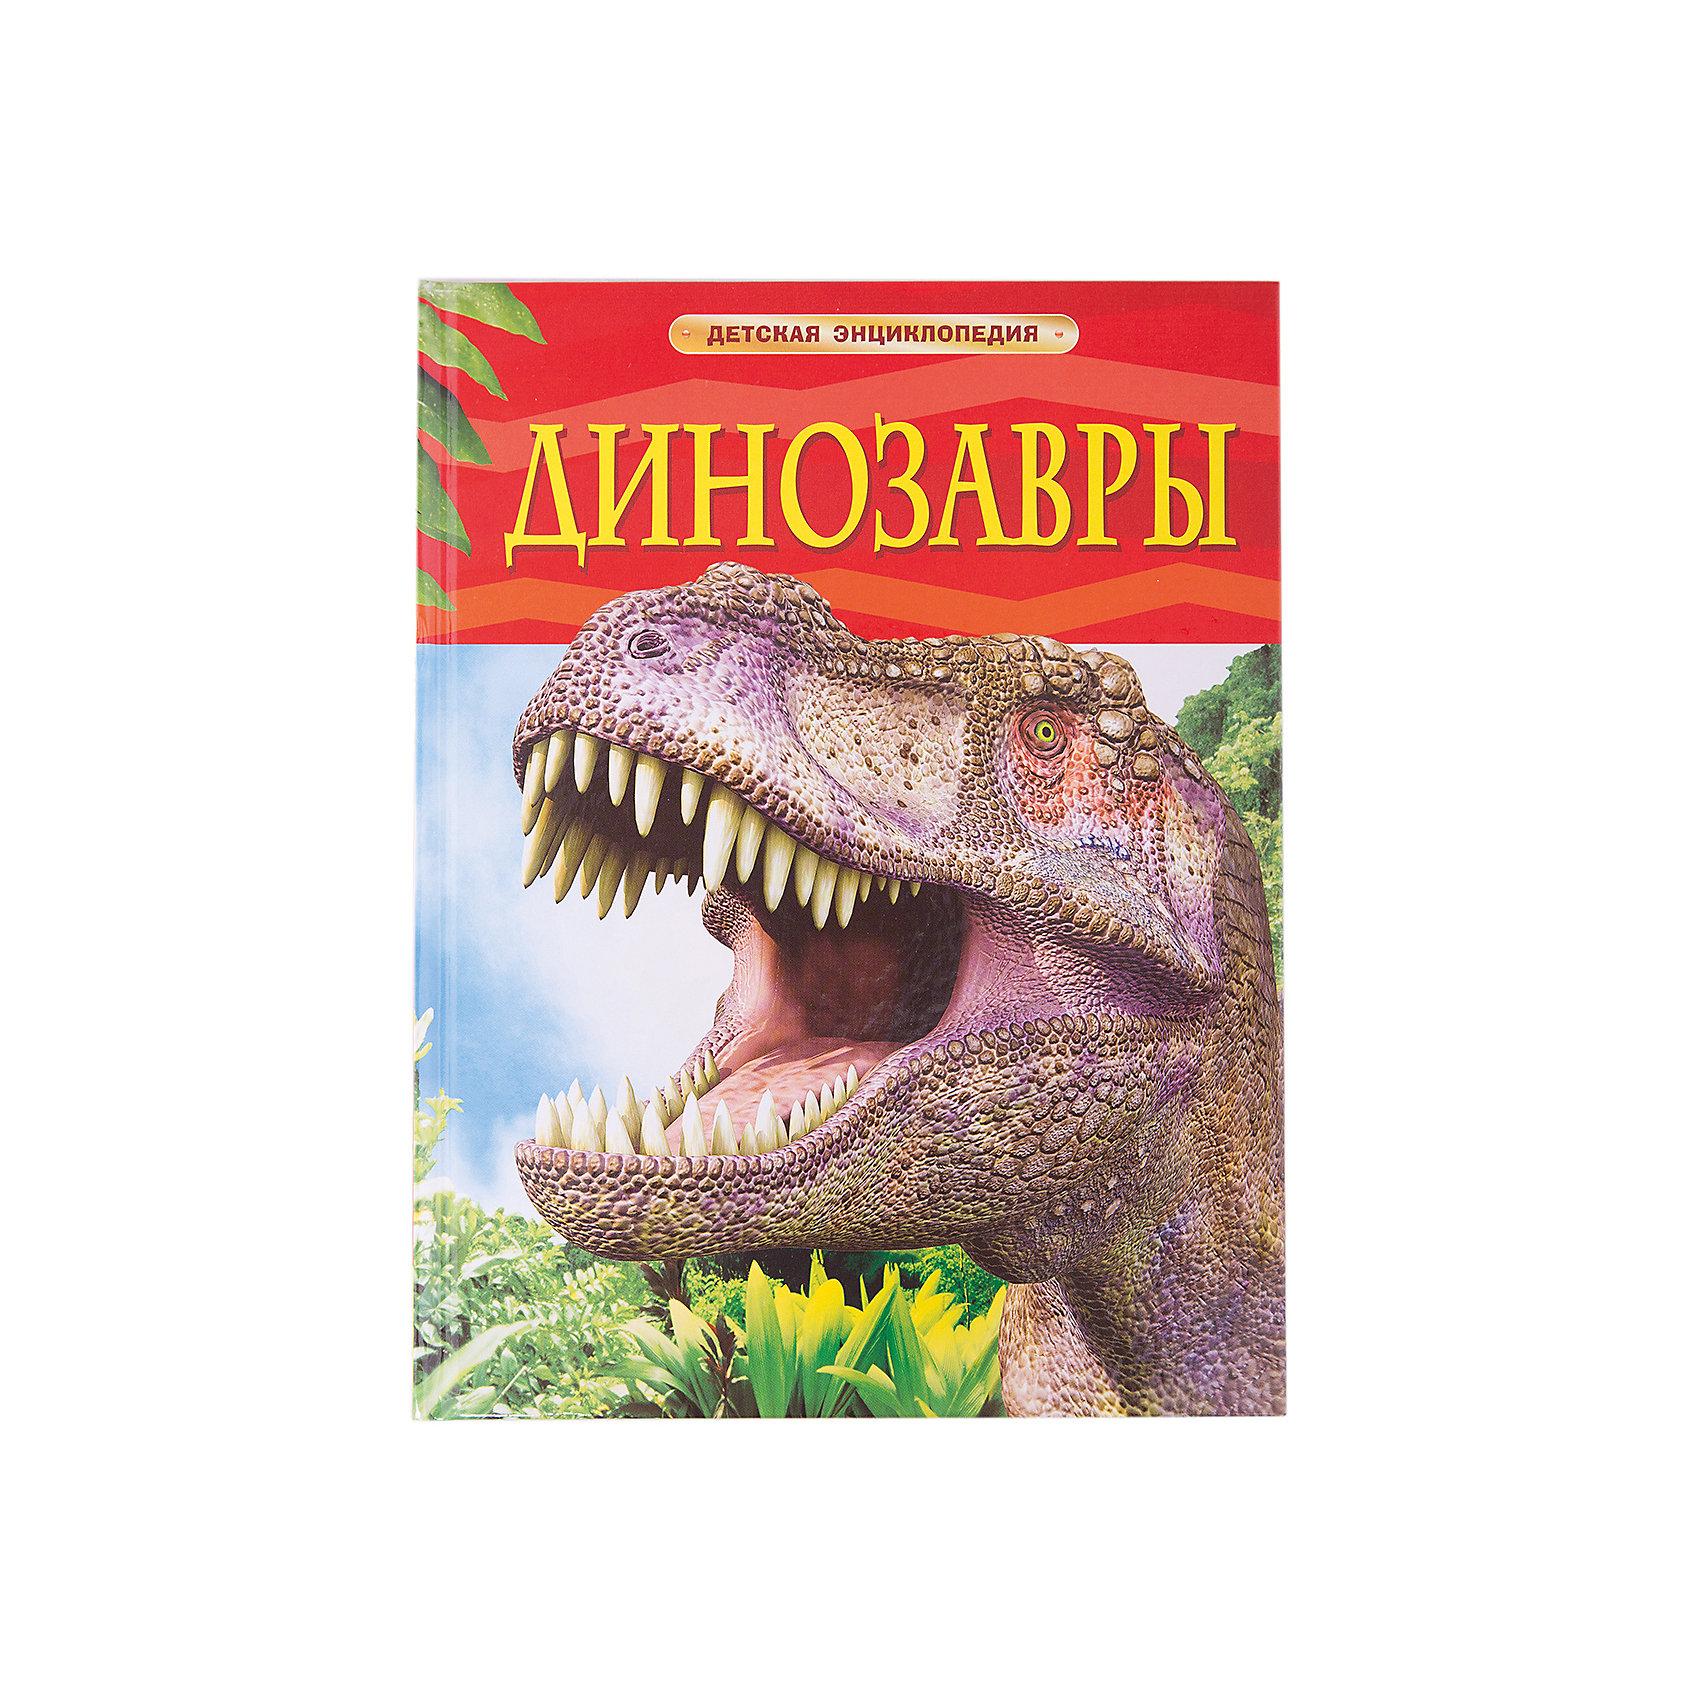 Детская энциклопедия ДинозаврыДинозавры, серия Детская энциклопедия, Росмэн - это замечательный подарок и полезное пособие для занятий с детьми.<br>Это книга об удивительном мире динозавров. В ней рассказывается о многообразии динозавров, об их образе жизни, особенностях организма, о причинах их вымирания. Наряду с интересной информацией о самых разнообразных динозаврах большую ценность в книге представляют впечатляющие рисунки и фотографии реалистичных моделей динозавров.<br><br>Дополнительная информация:<br><br>- Автор: Рейчел Ферт<br>- Тип переплета (обложка): твердая<br>- Размер: 196 x 255мм.<br>- Количество страниц: 48<br>- Бумага: мелованная<br>- Иллюстрации: цветные, фотографии цветные<br><br>Книгу «Динозавры», серия Детская энциклопедия, Росмэн можно купить в нашем интернет-магазине.<br><br>Ширина мм: 265<br>Глубина мм: 205<br>Высота мм: 8<br>Вес г: 380<br>Возраст от месяцев: 60<br>Возраст до месяцев: 96<br>Пол: Унисекс<br>Возраст: Детский<br>SKU: 3633700